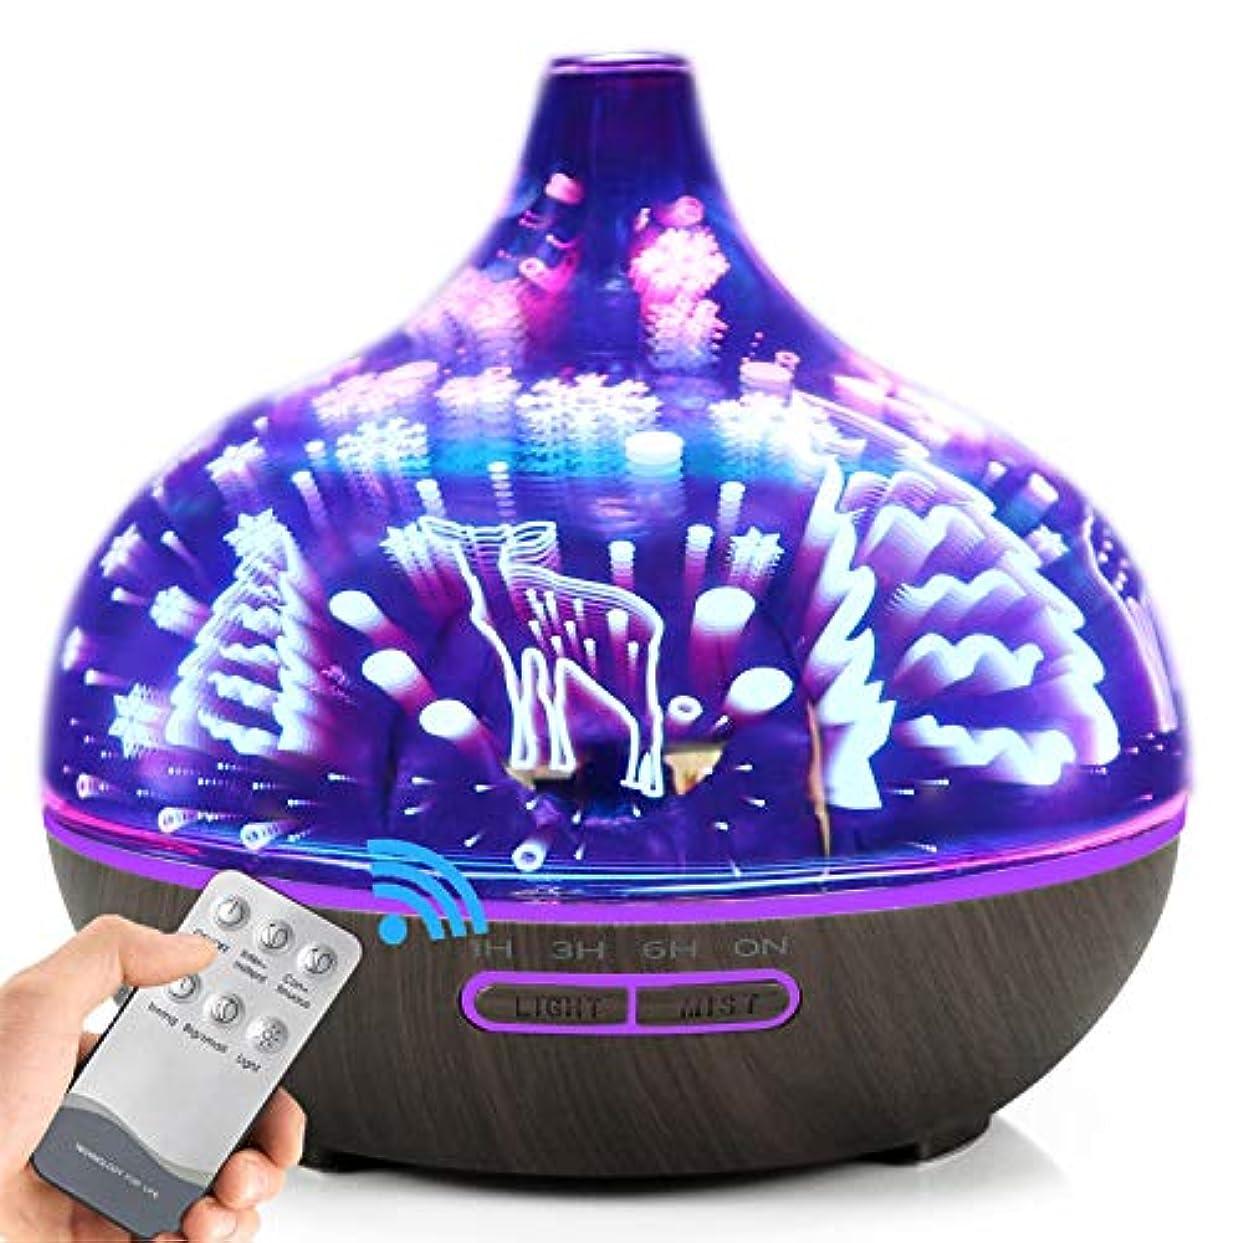 に対して領域起訴するAXNYLHY Essential Oil Diffuser,400ml Aroma Diffuser 3D Colorful LED Night Light Glass humidifiers for Bedroom,...